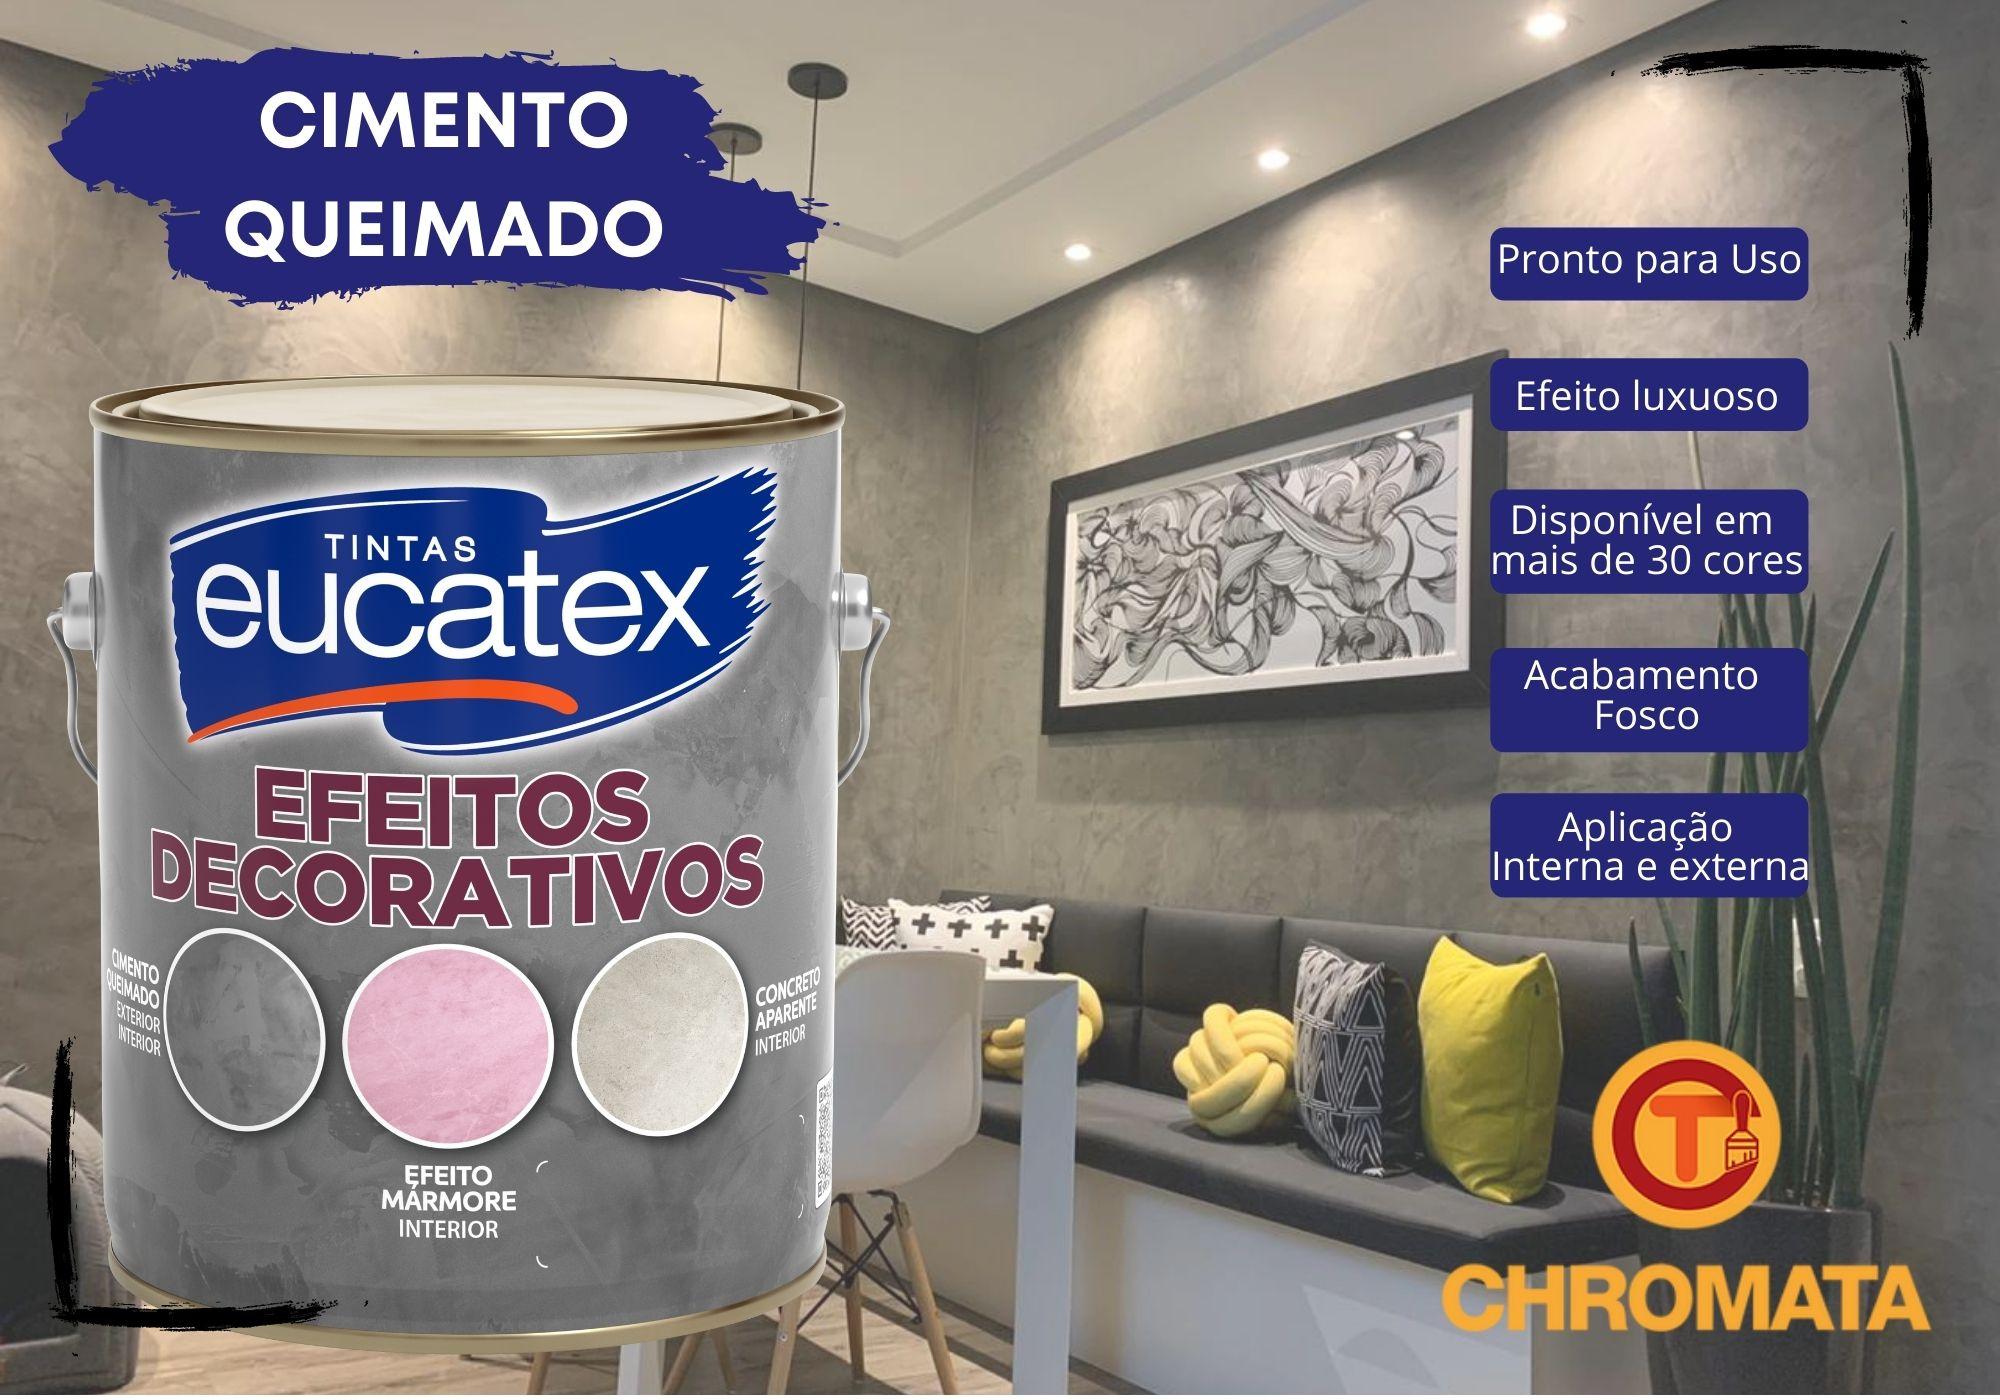 Eucatex Efeito Decorativo Cimento Queimado 4Kg